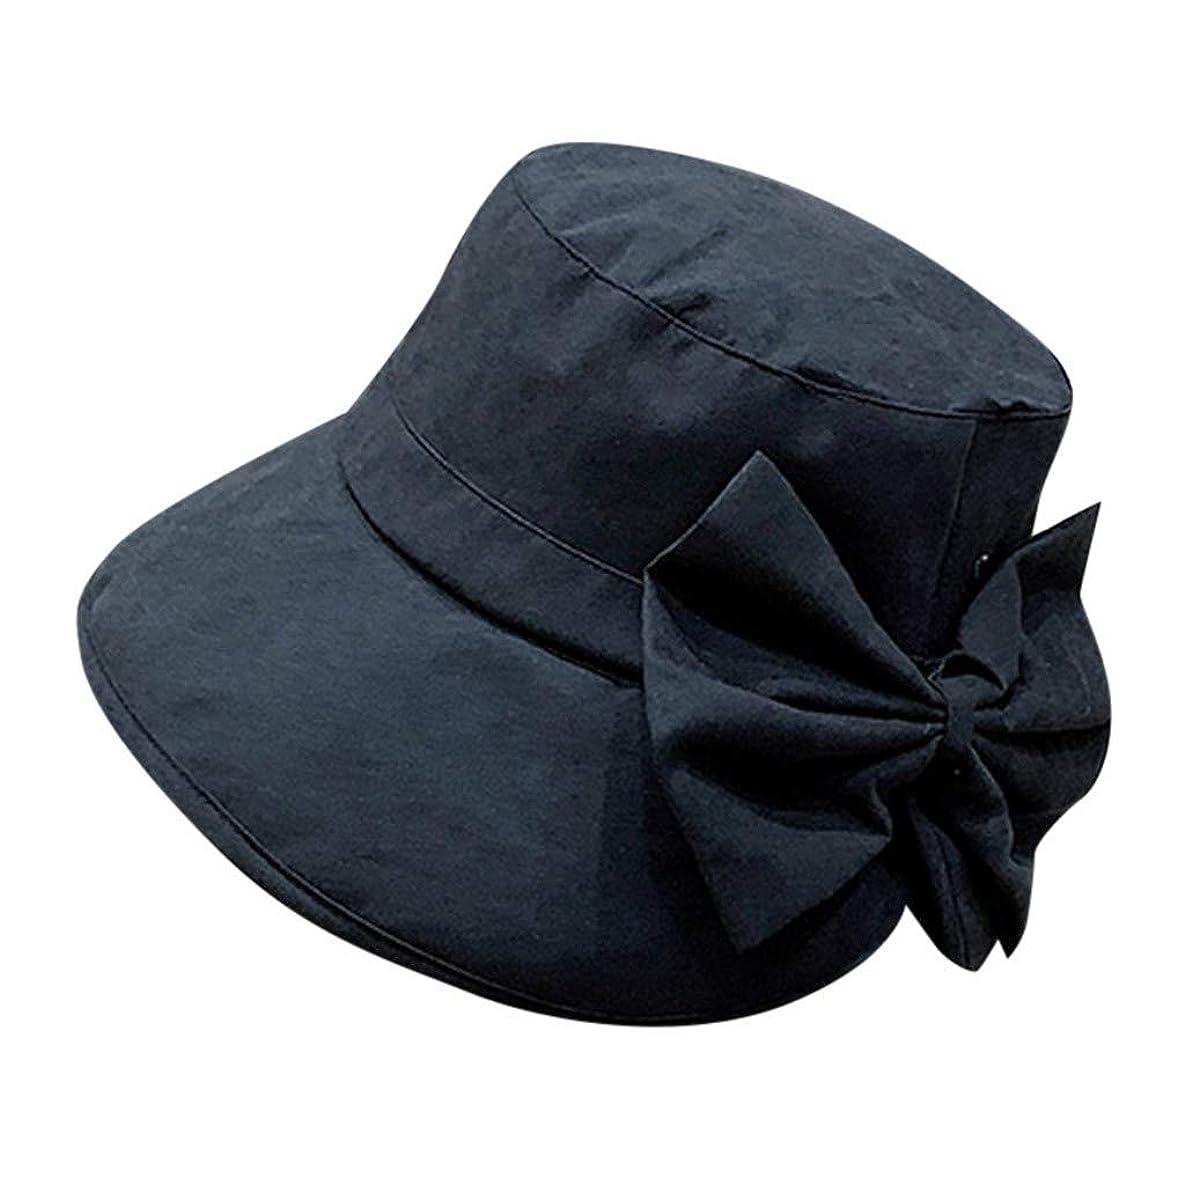 口実れる分割女性 帽子 レディース UVカット ハット女の子 つば広い 漁師帽 女優帽 小顔効果 紫外線 対策 レディース 蝶結び UV 加工 リボン ハット ビーチ 日よけ テント ビーチサンダル ベレー帽 ROSE ROMAN